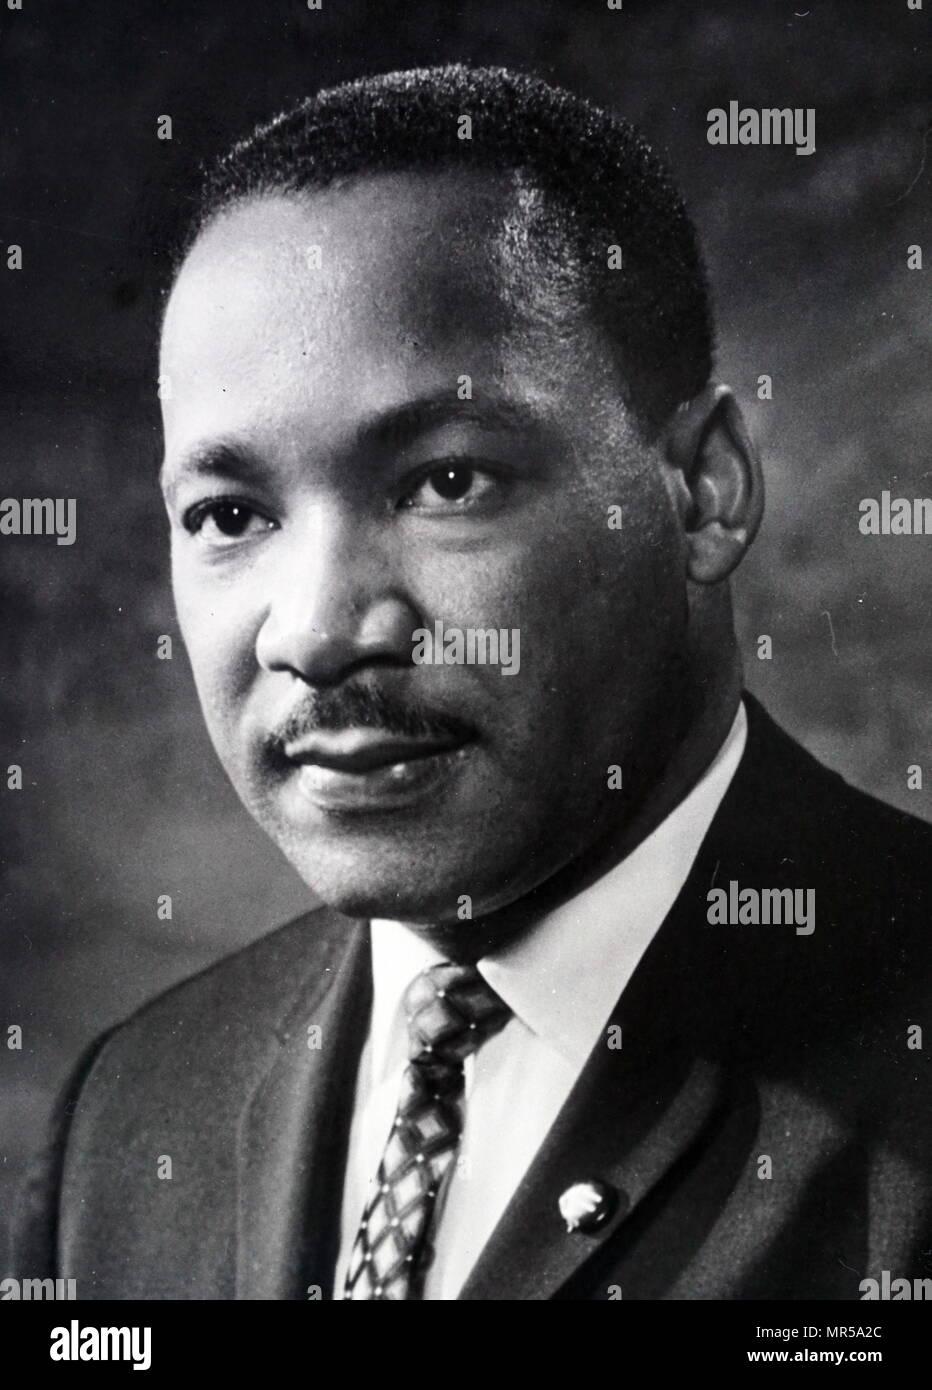 Fotografia di Martin Luther King Jr. (1929-1968) un americano ministro battista, diritti civili attivista e Nobel per la pace. In data xx secolo Foto Stock